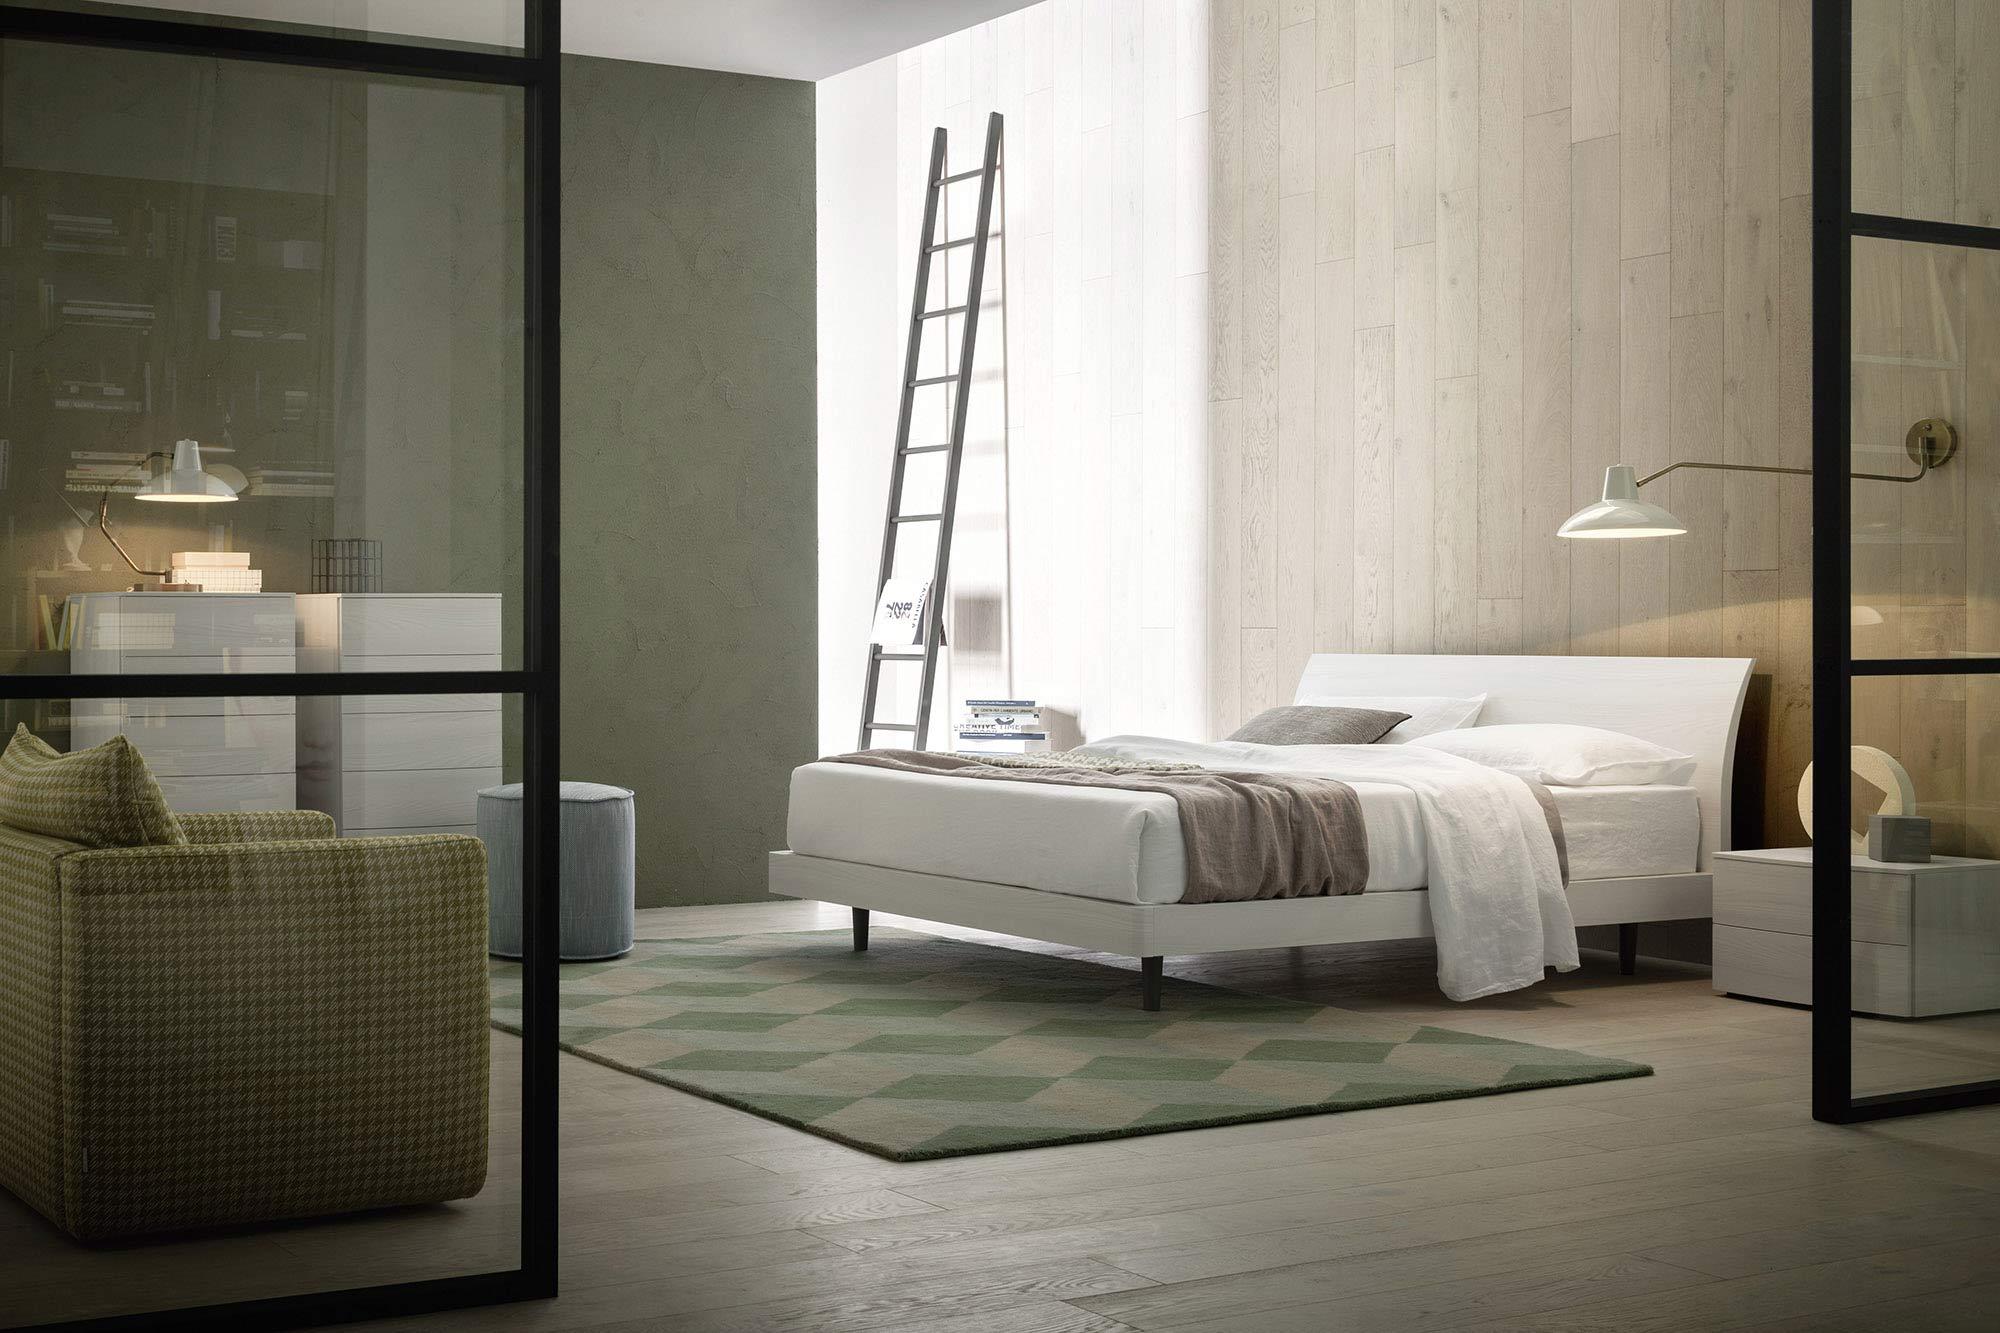 schlafzimmer möbel, Hause deko